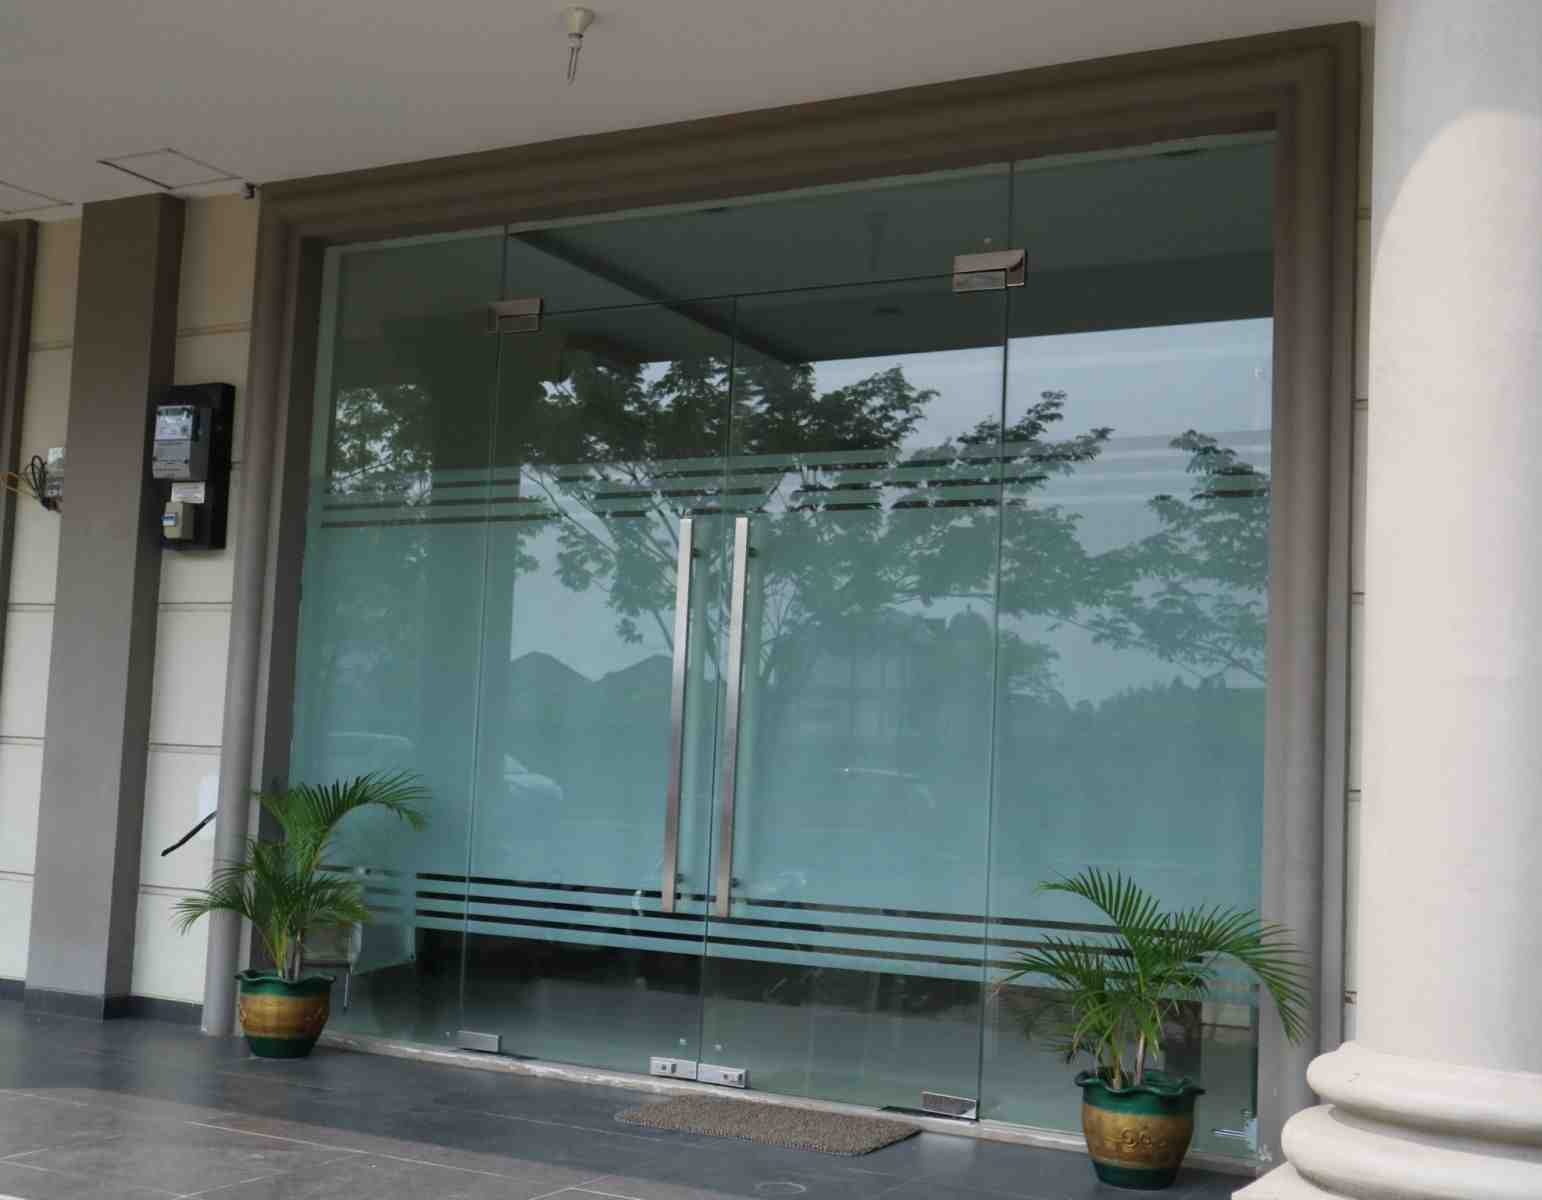 Cửa kính cường lực thường được sử dụng làm cửa chính vì có nhiều ưu điểm nổi bật